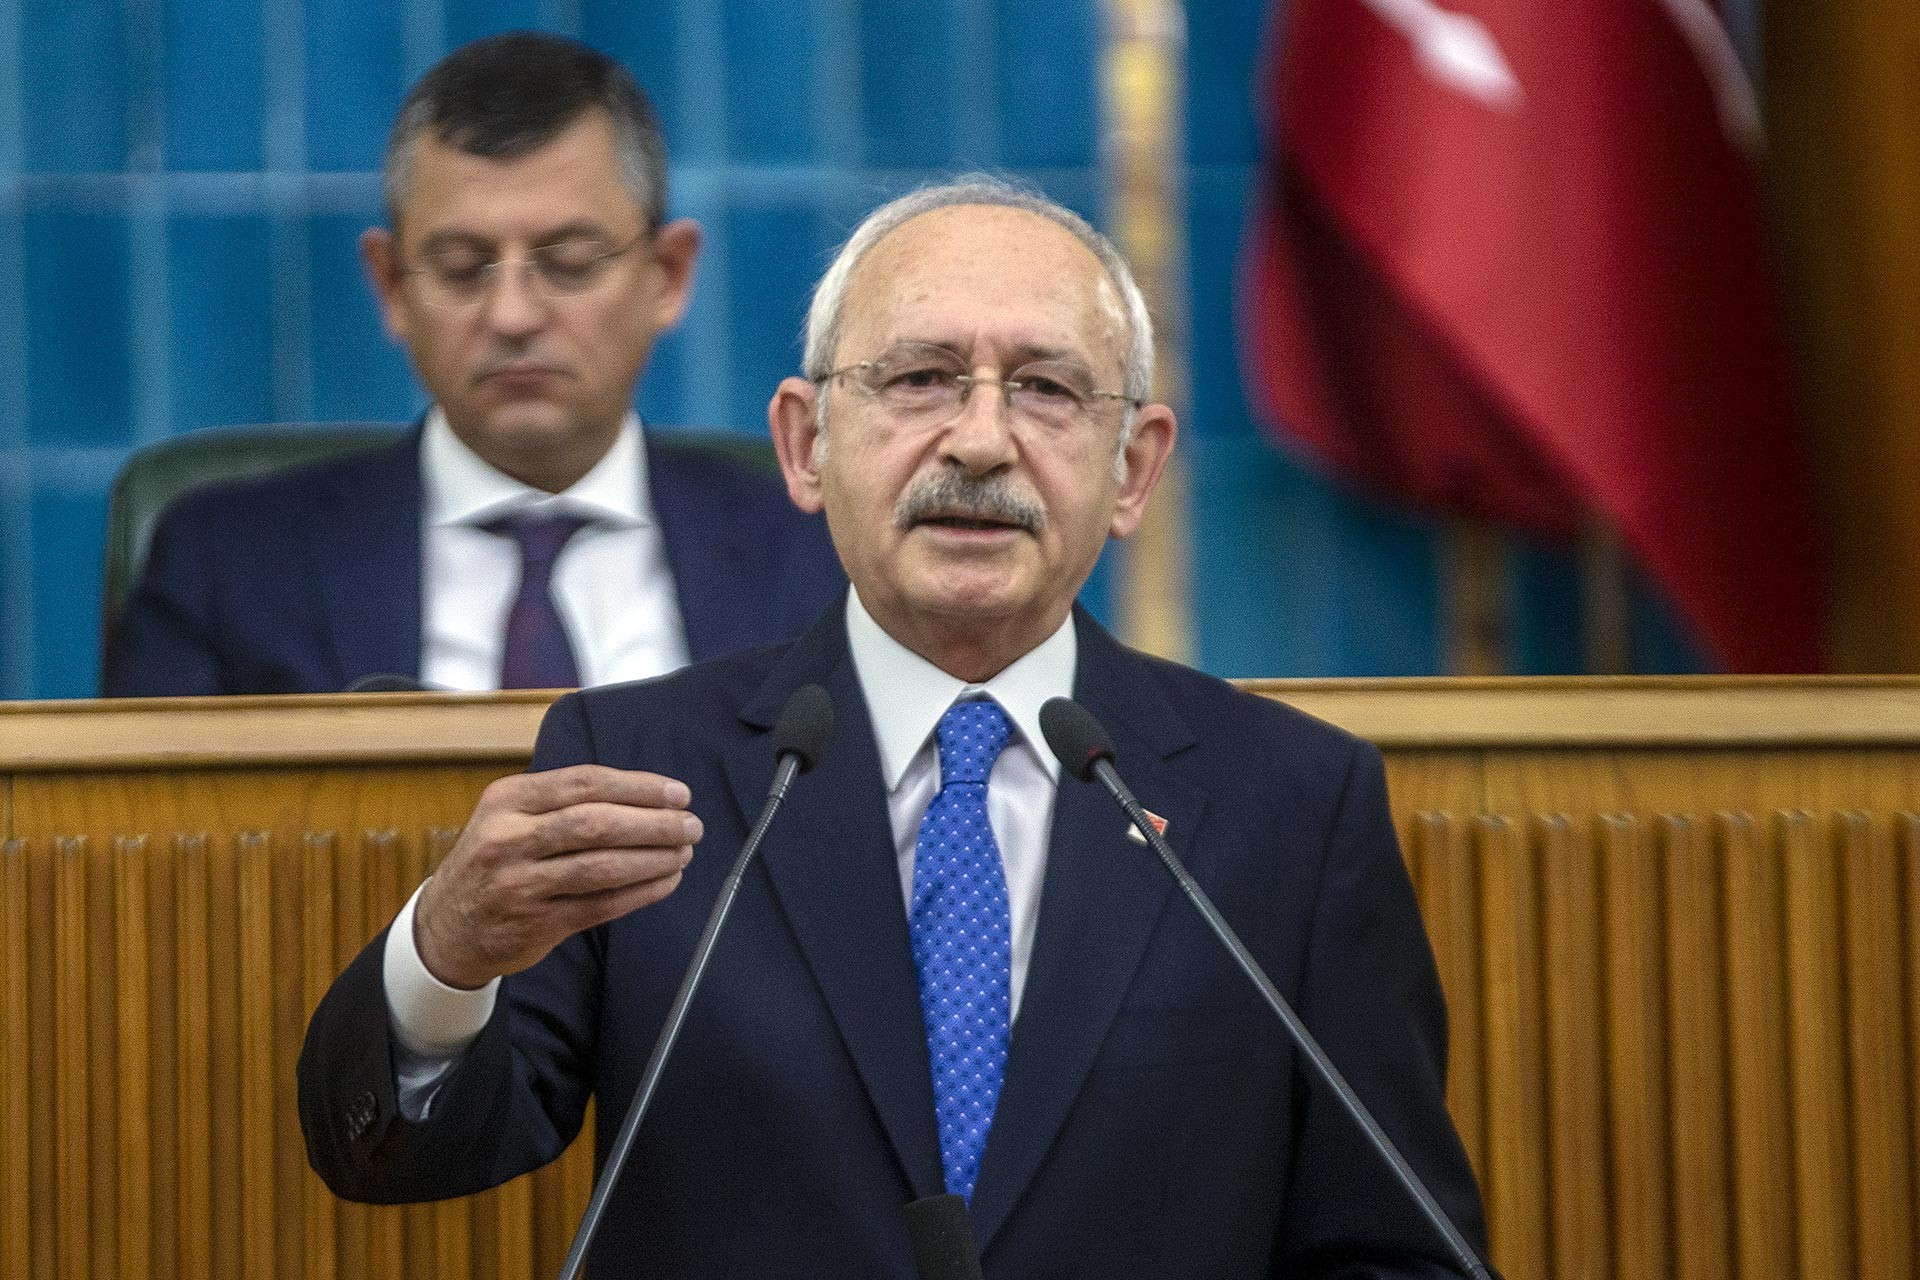 CHP Genel Başkanı Kemal Kılıçdaroğlu, partisinin grup toplantısında konuştu